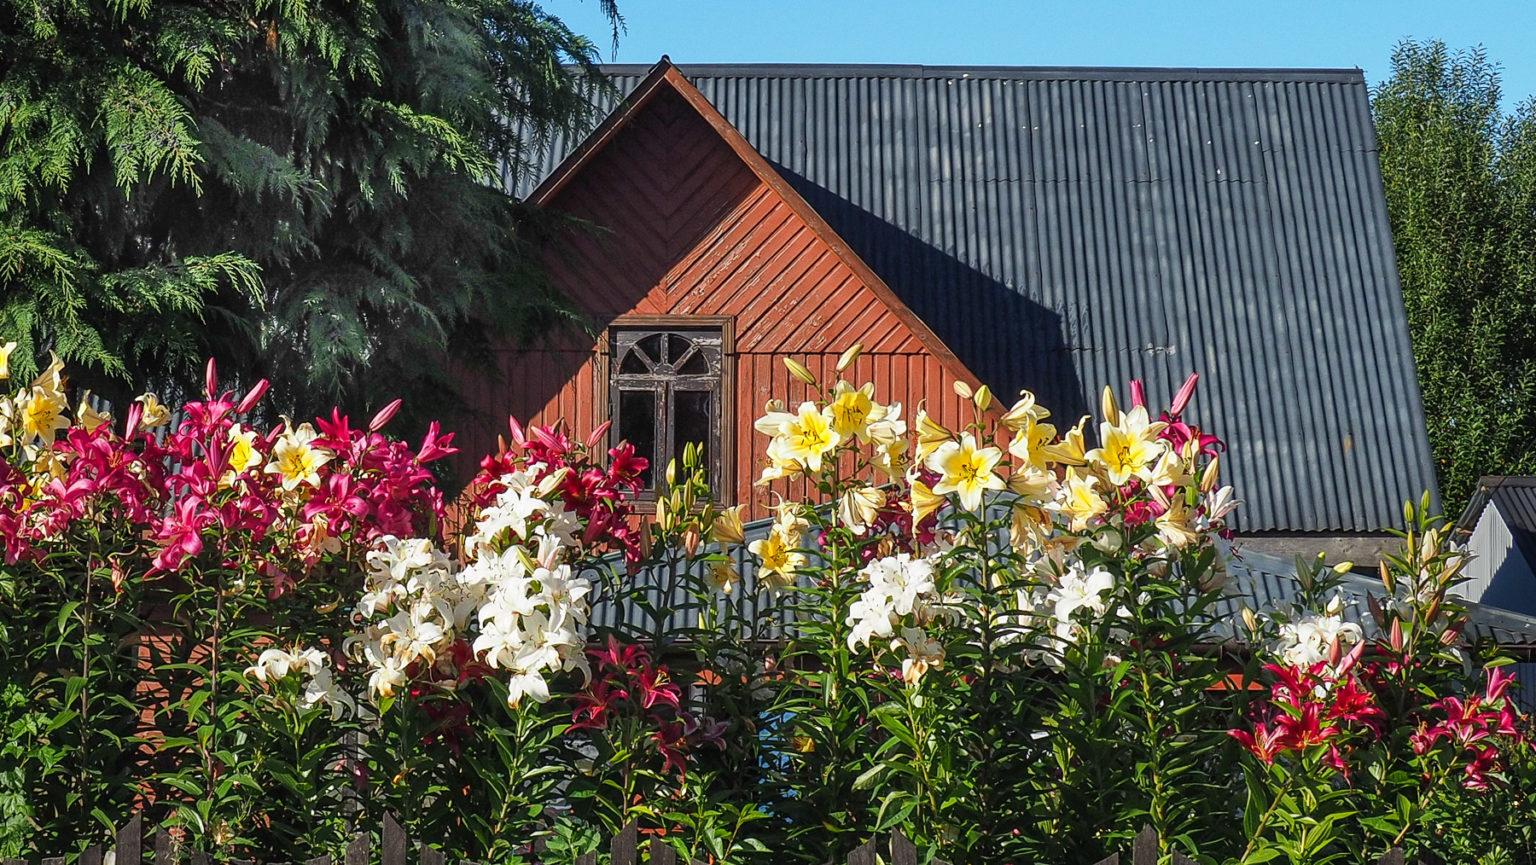 So schöne gepflegte Blumengärten in Puyuhuapi